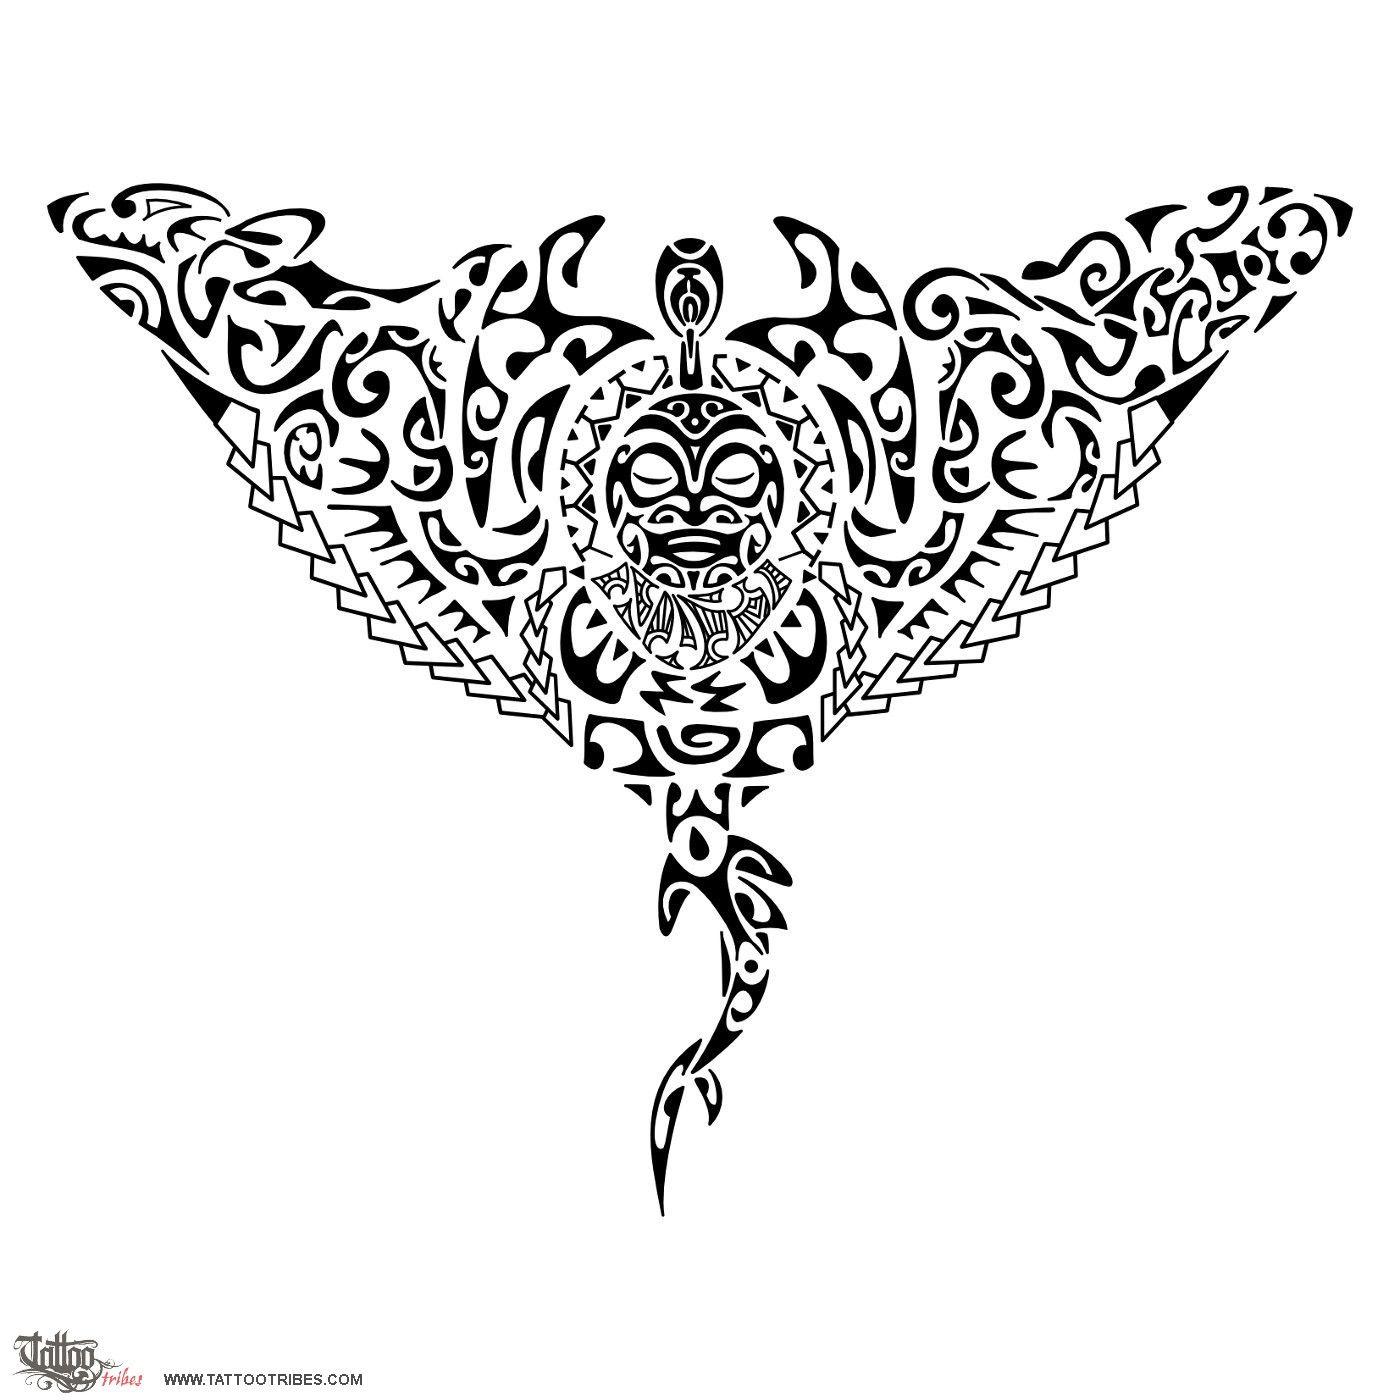 a4740b49d391c Tatuaggio di Mawe, Talismano tattoo - custom tattoo designs on  TattooTribes.com